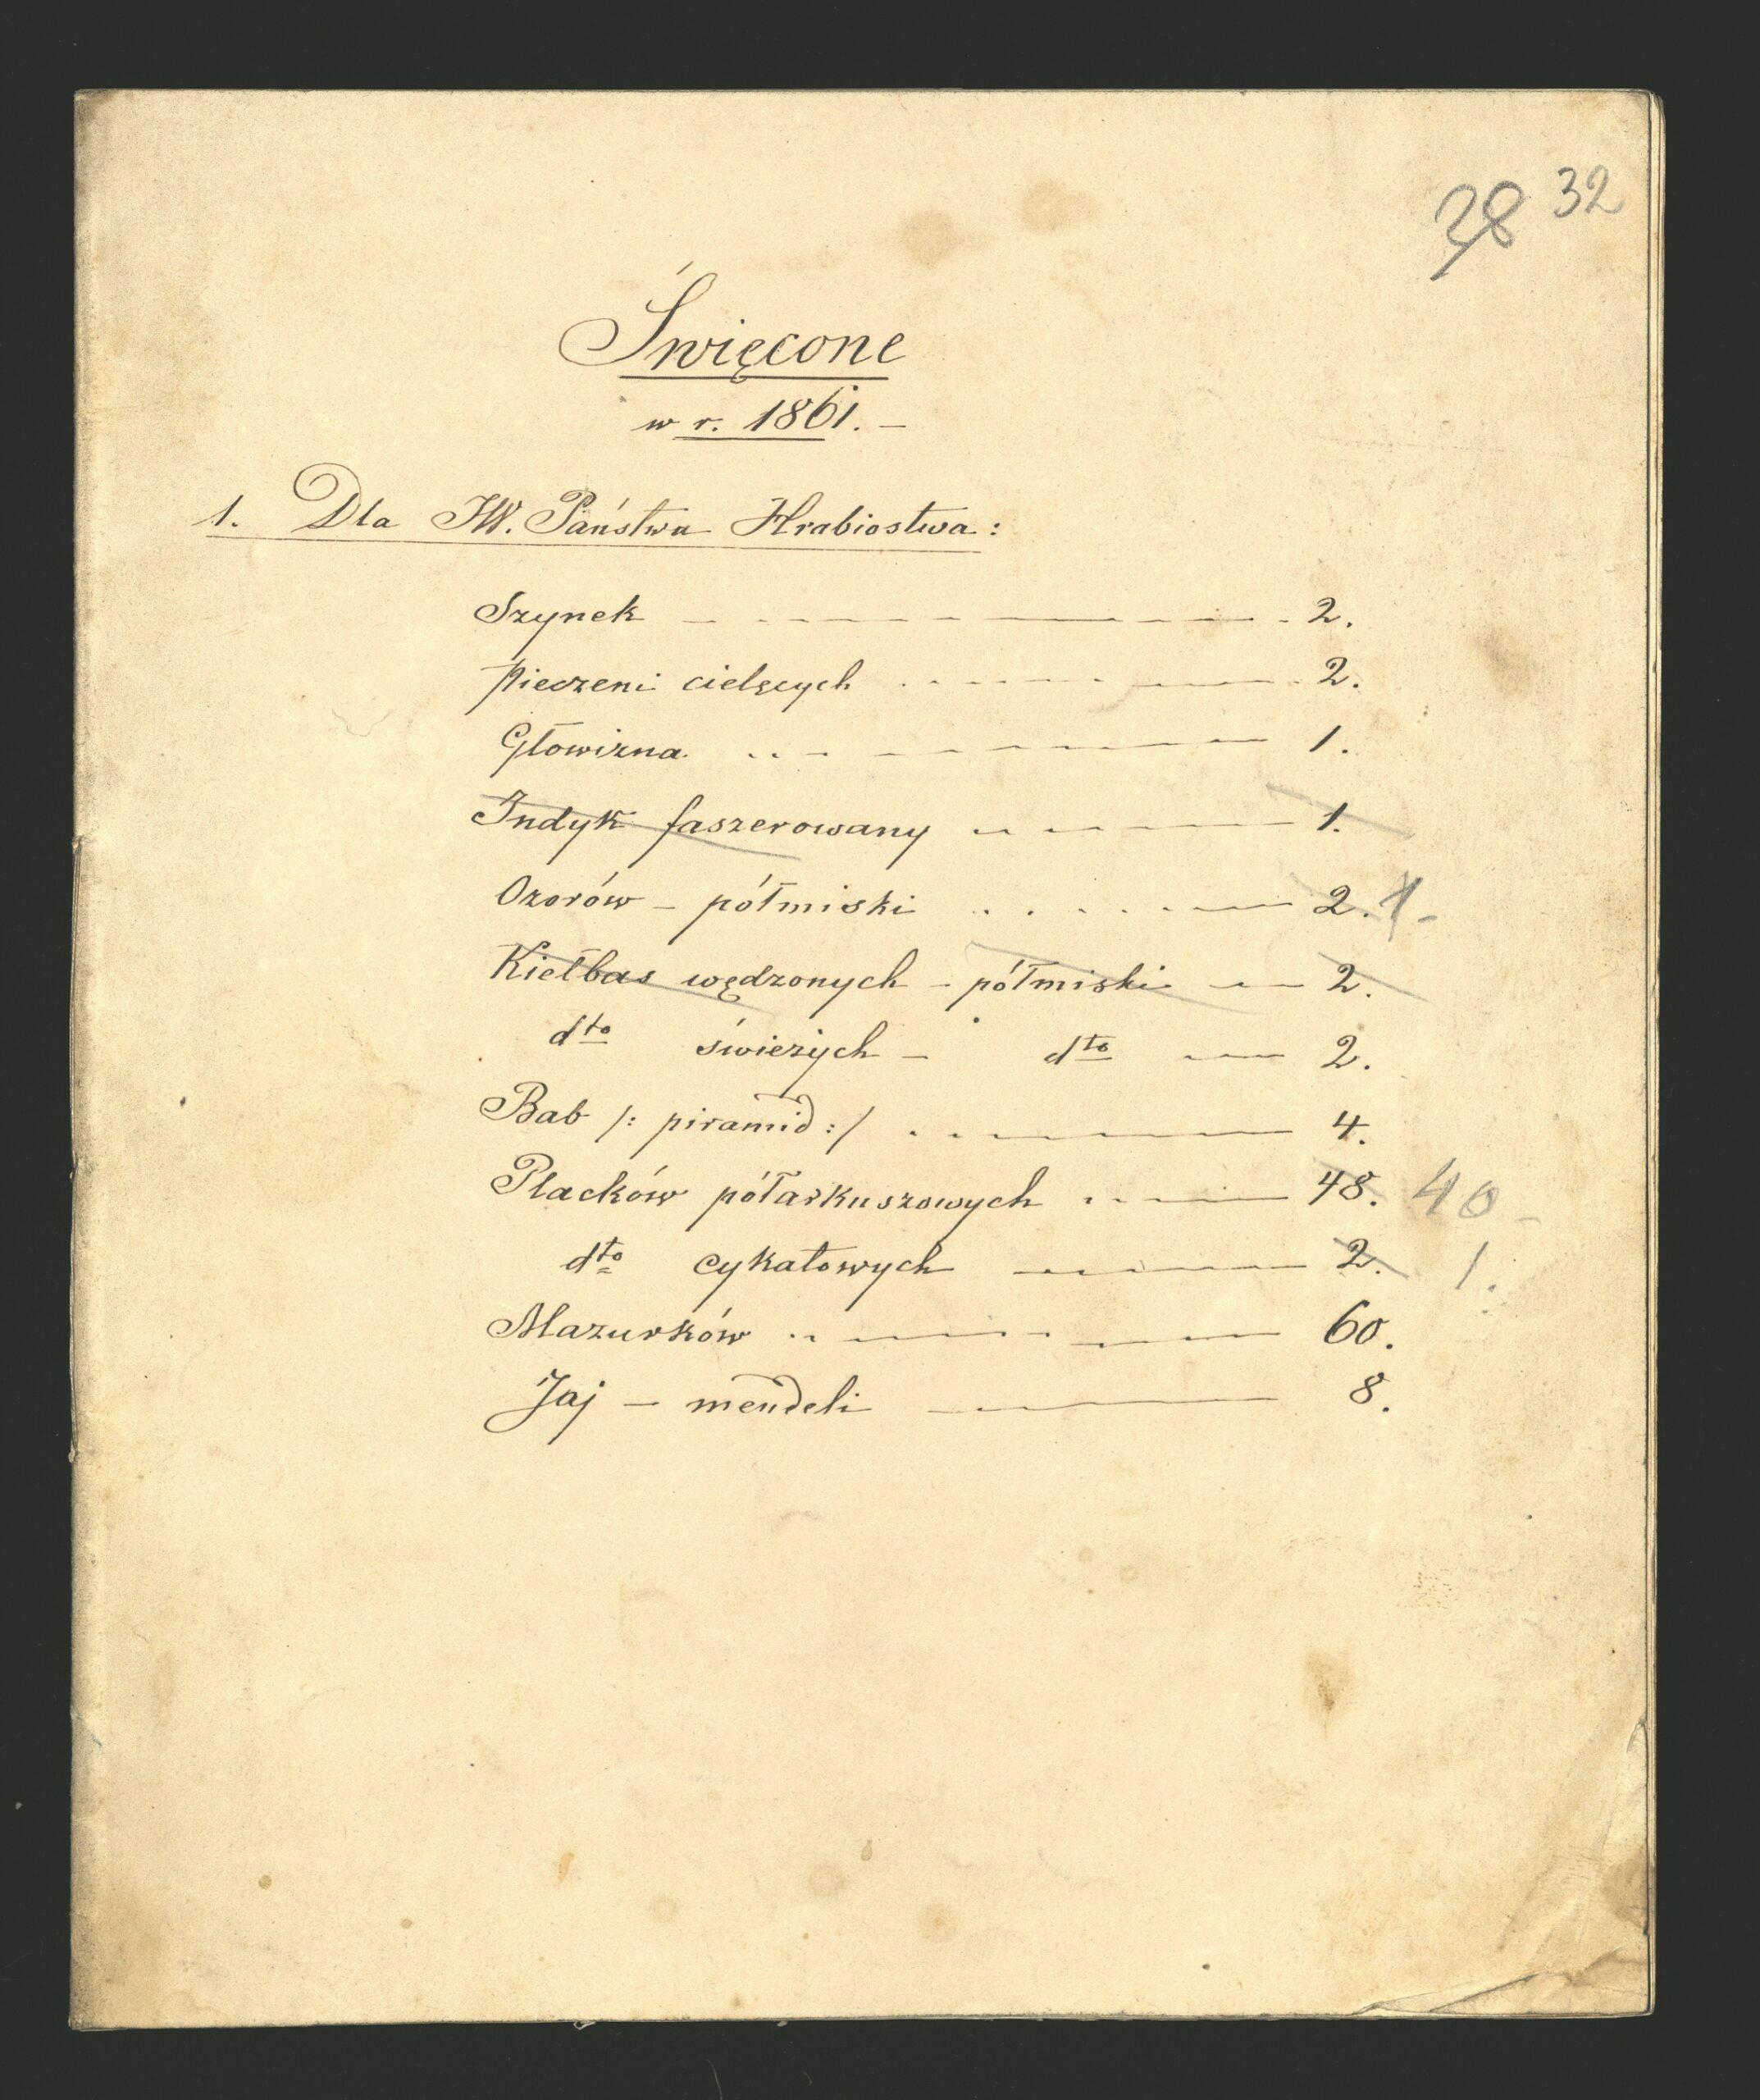 """Pożółkła kartka papieru. Na niej spis: """"Święcone w r. 1861 / Dla JW. Państwa Hrabiostwa: / Szynek: 2 / Pieczeni cielęcych: 2 / Głowizna: 1 / Indyk faszerowany: 1 (przekreślone) / Ozorów półmiski: 1 / Kiełbas wędzonych półmiski: 2 (przekreślone) / Kiełbas świeżych półmiski: 2 / Bab piramid: 4 / Placków półarkuszowych: 40 / Placków cykatowych: 1 / Mazurków: 60 / Jaj mendeli: 8"""""""